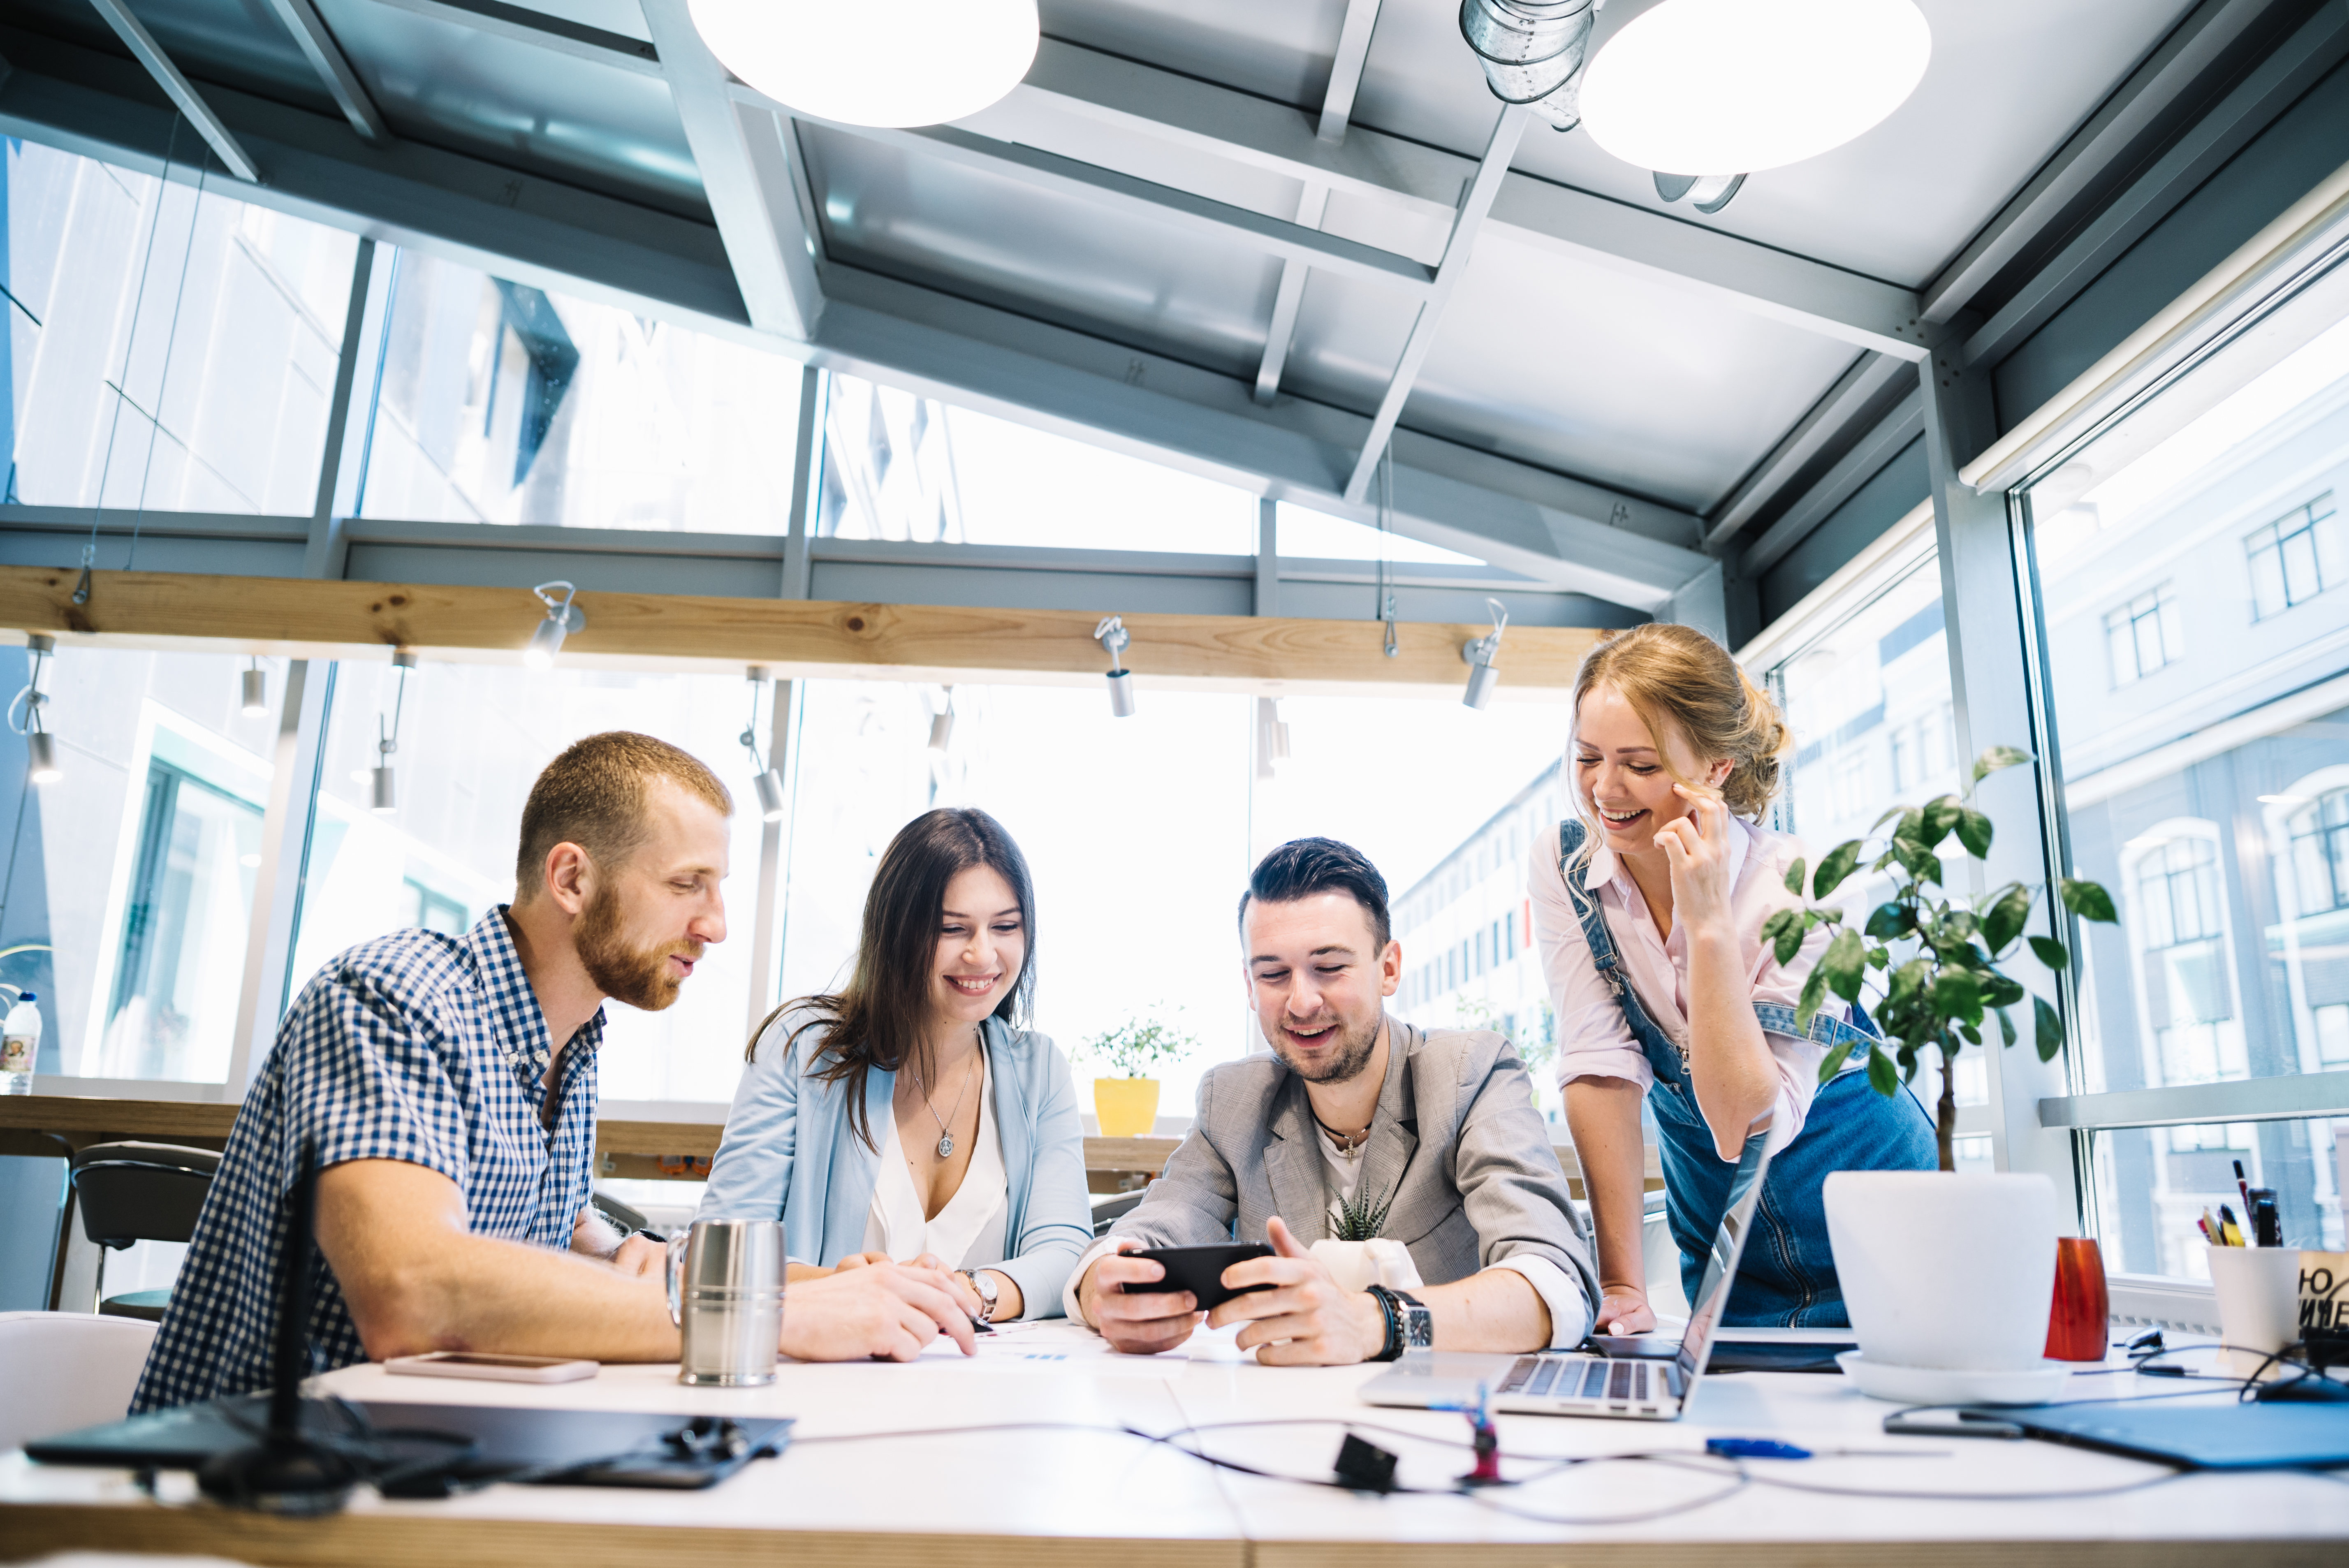 Tiếng Anh cho người đi làm - từ cơ bản đến giao tiếp thành thạo